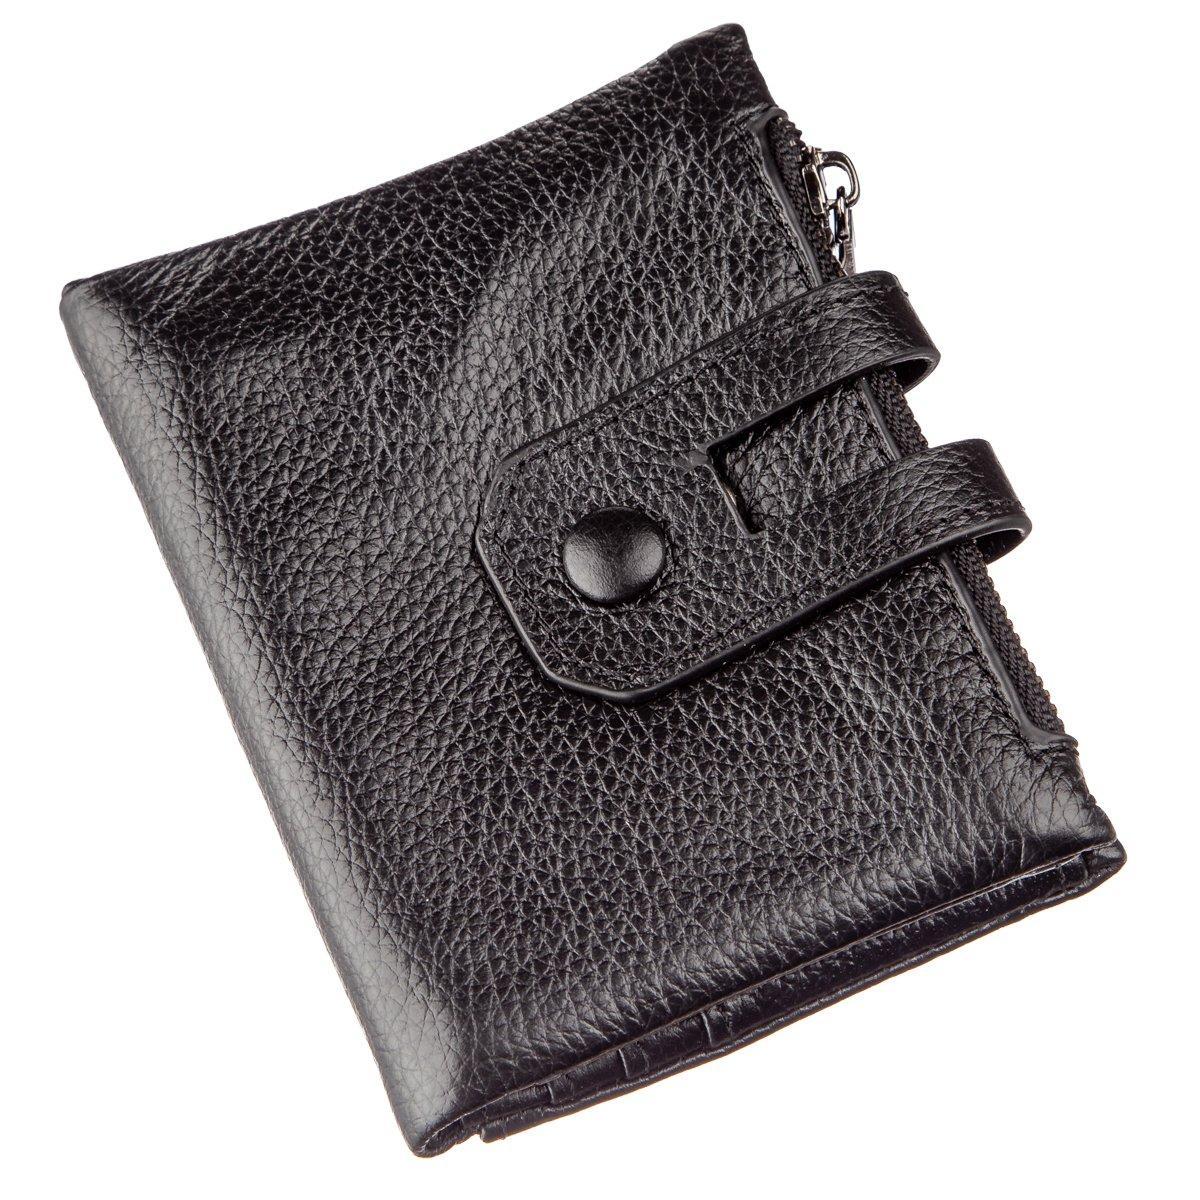 Кошелек Vintage 14644 кожаный Черный